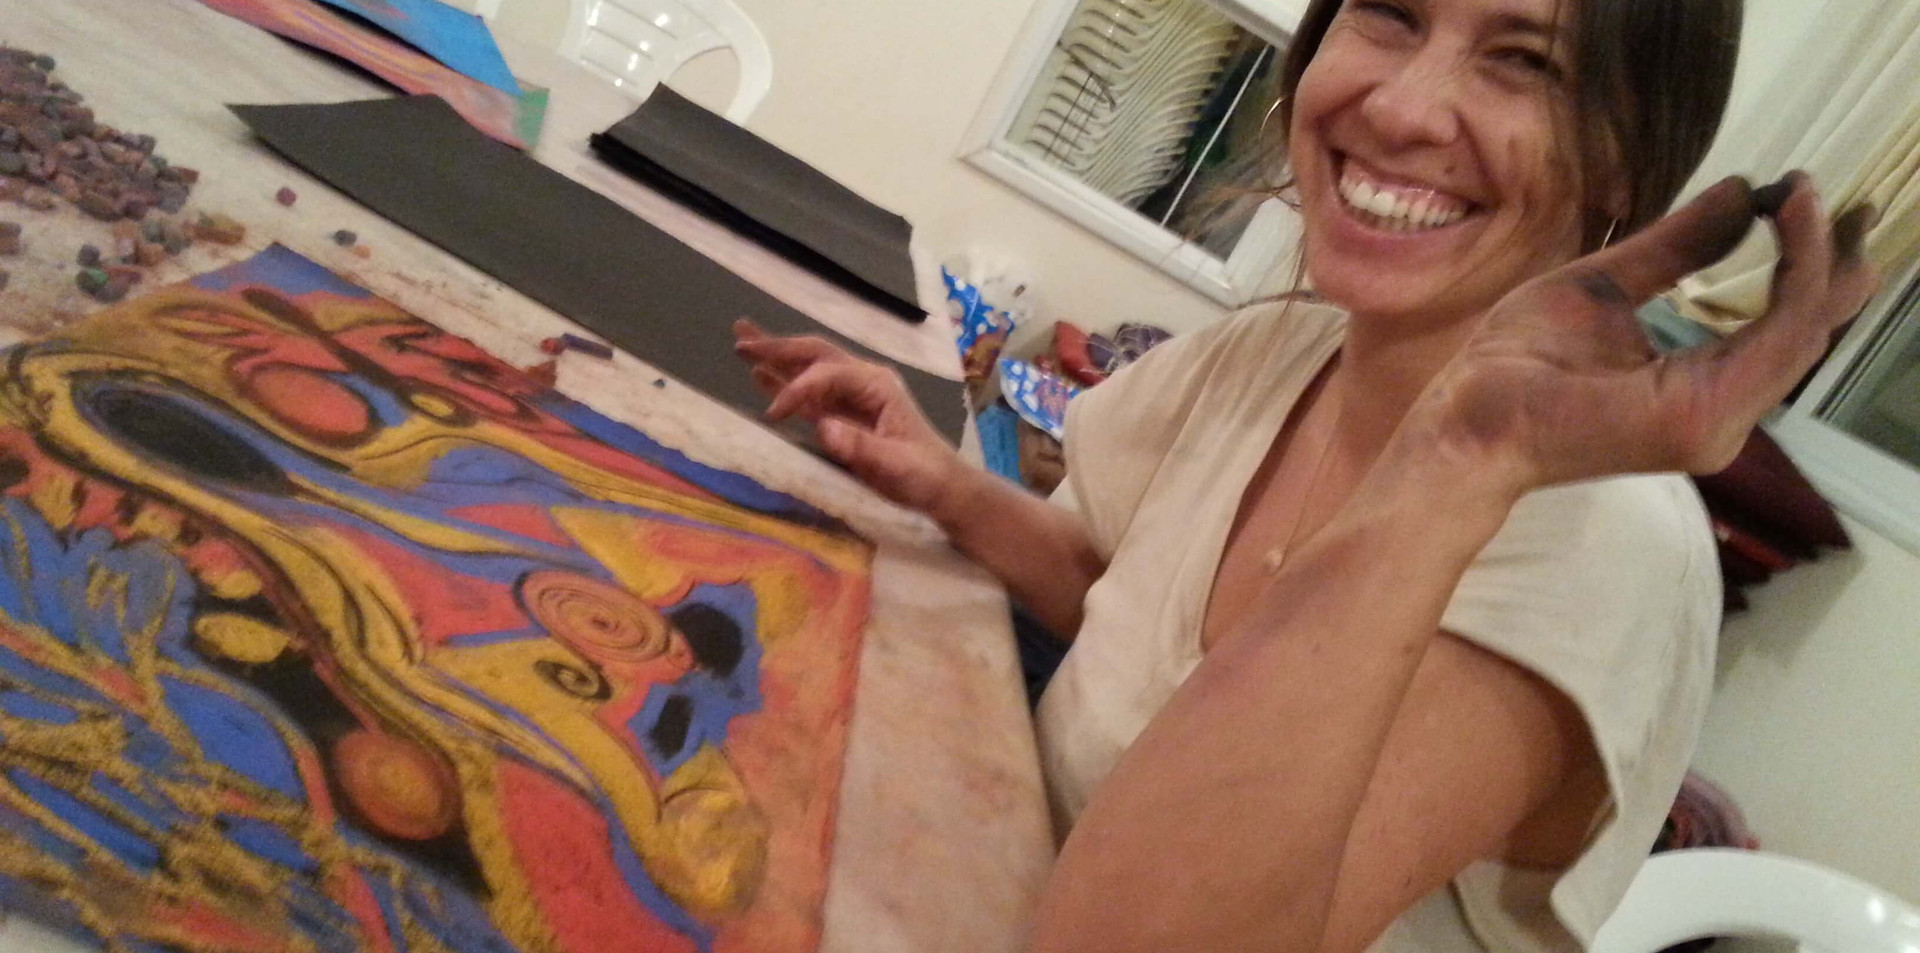 חיוך של אושר בציור אינטואיטיבי